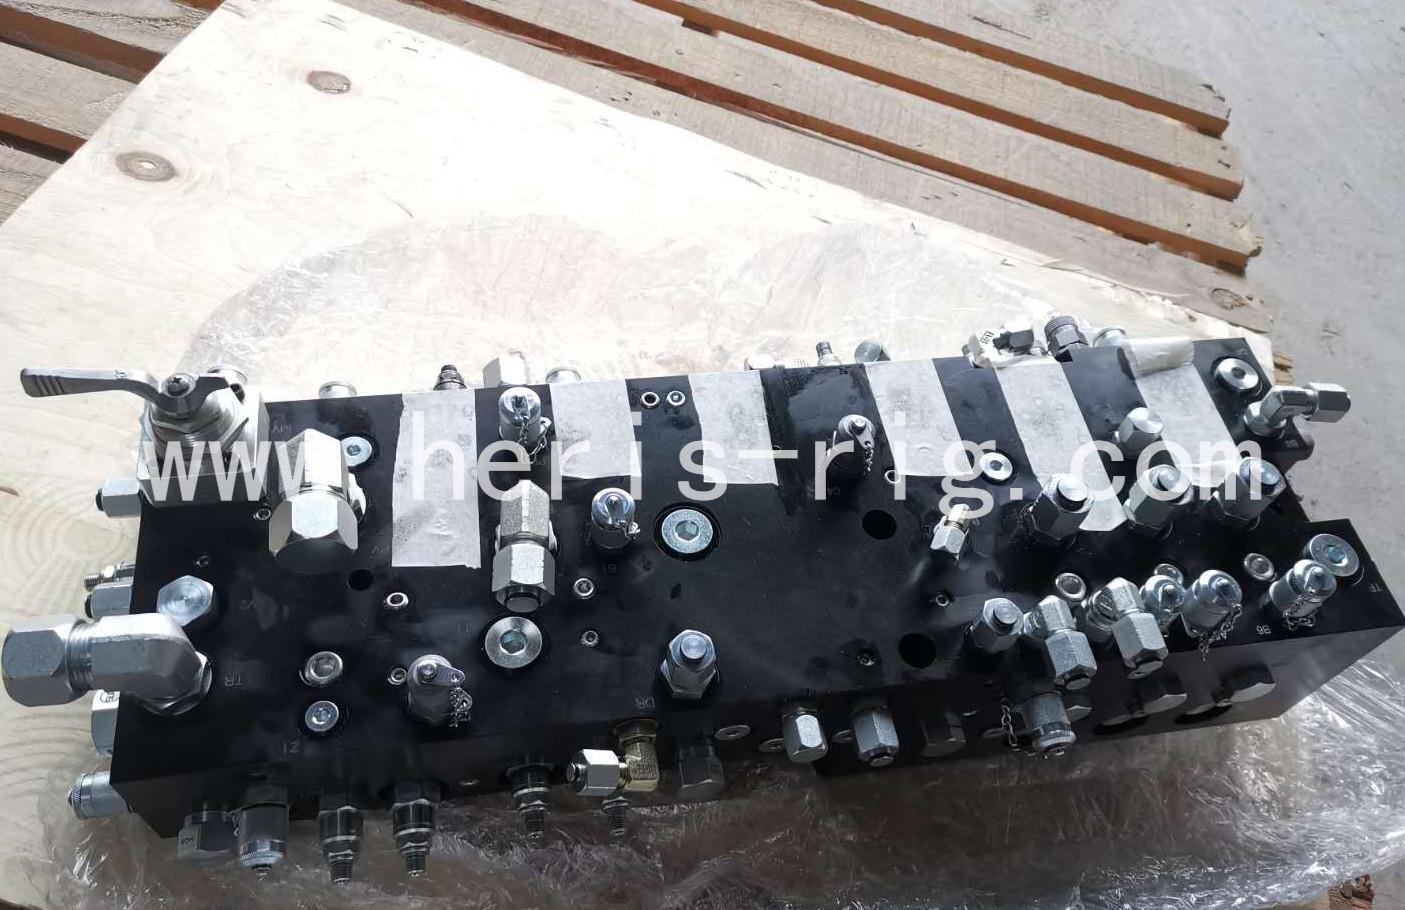 Tds-9sa tds-11sa ASSY MANIFOLD114174